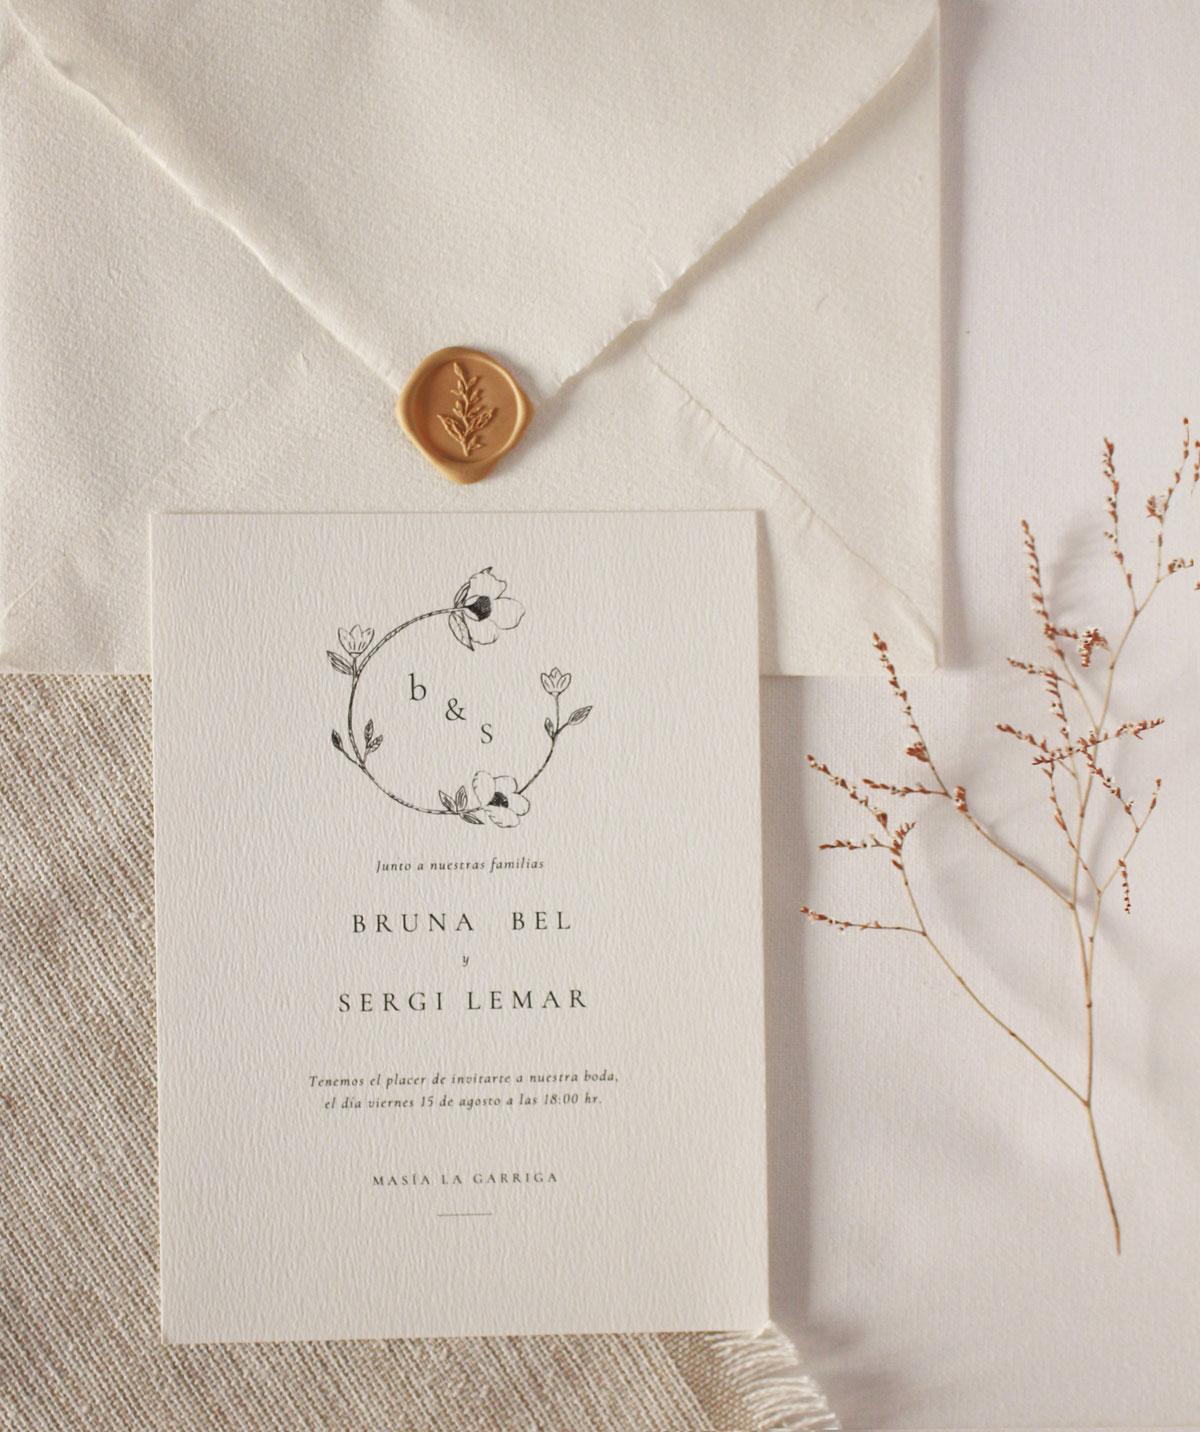 Invitación con ilustración de corona de flores silvestres - Esta invitación es parte de mi colección de invitaciones prediseñadas Bruna, que puedes ver completa aquí.